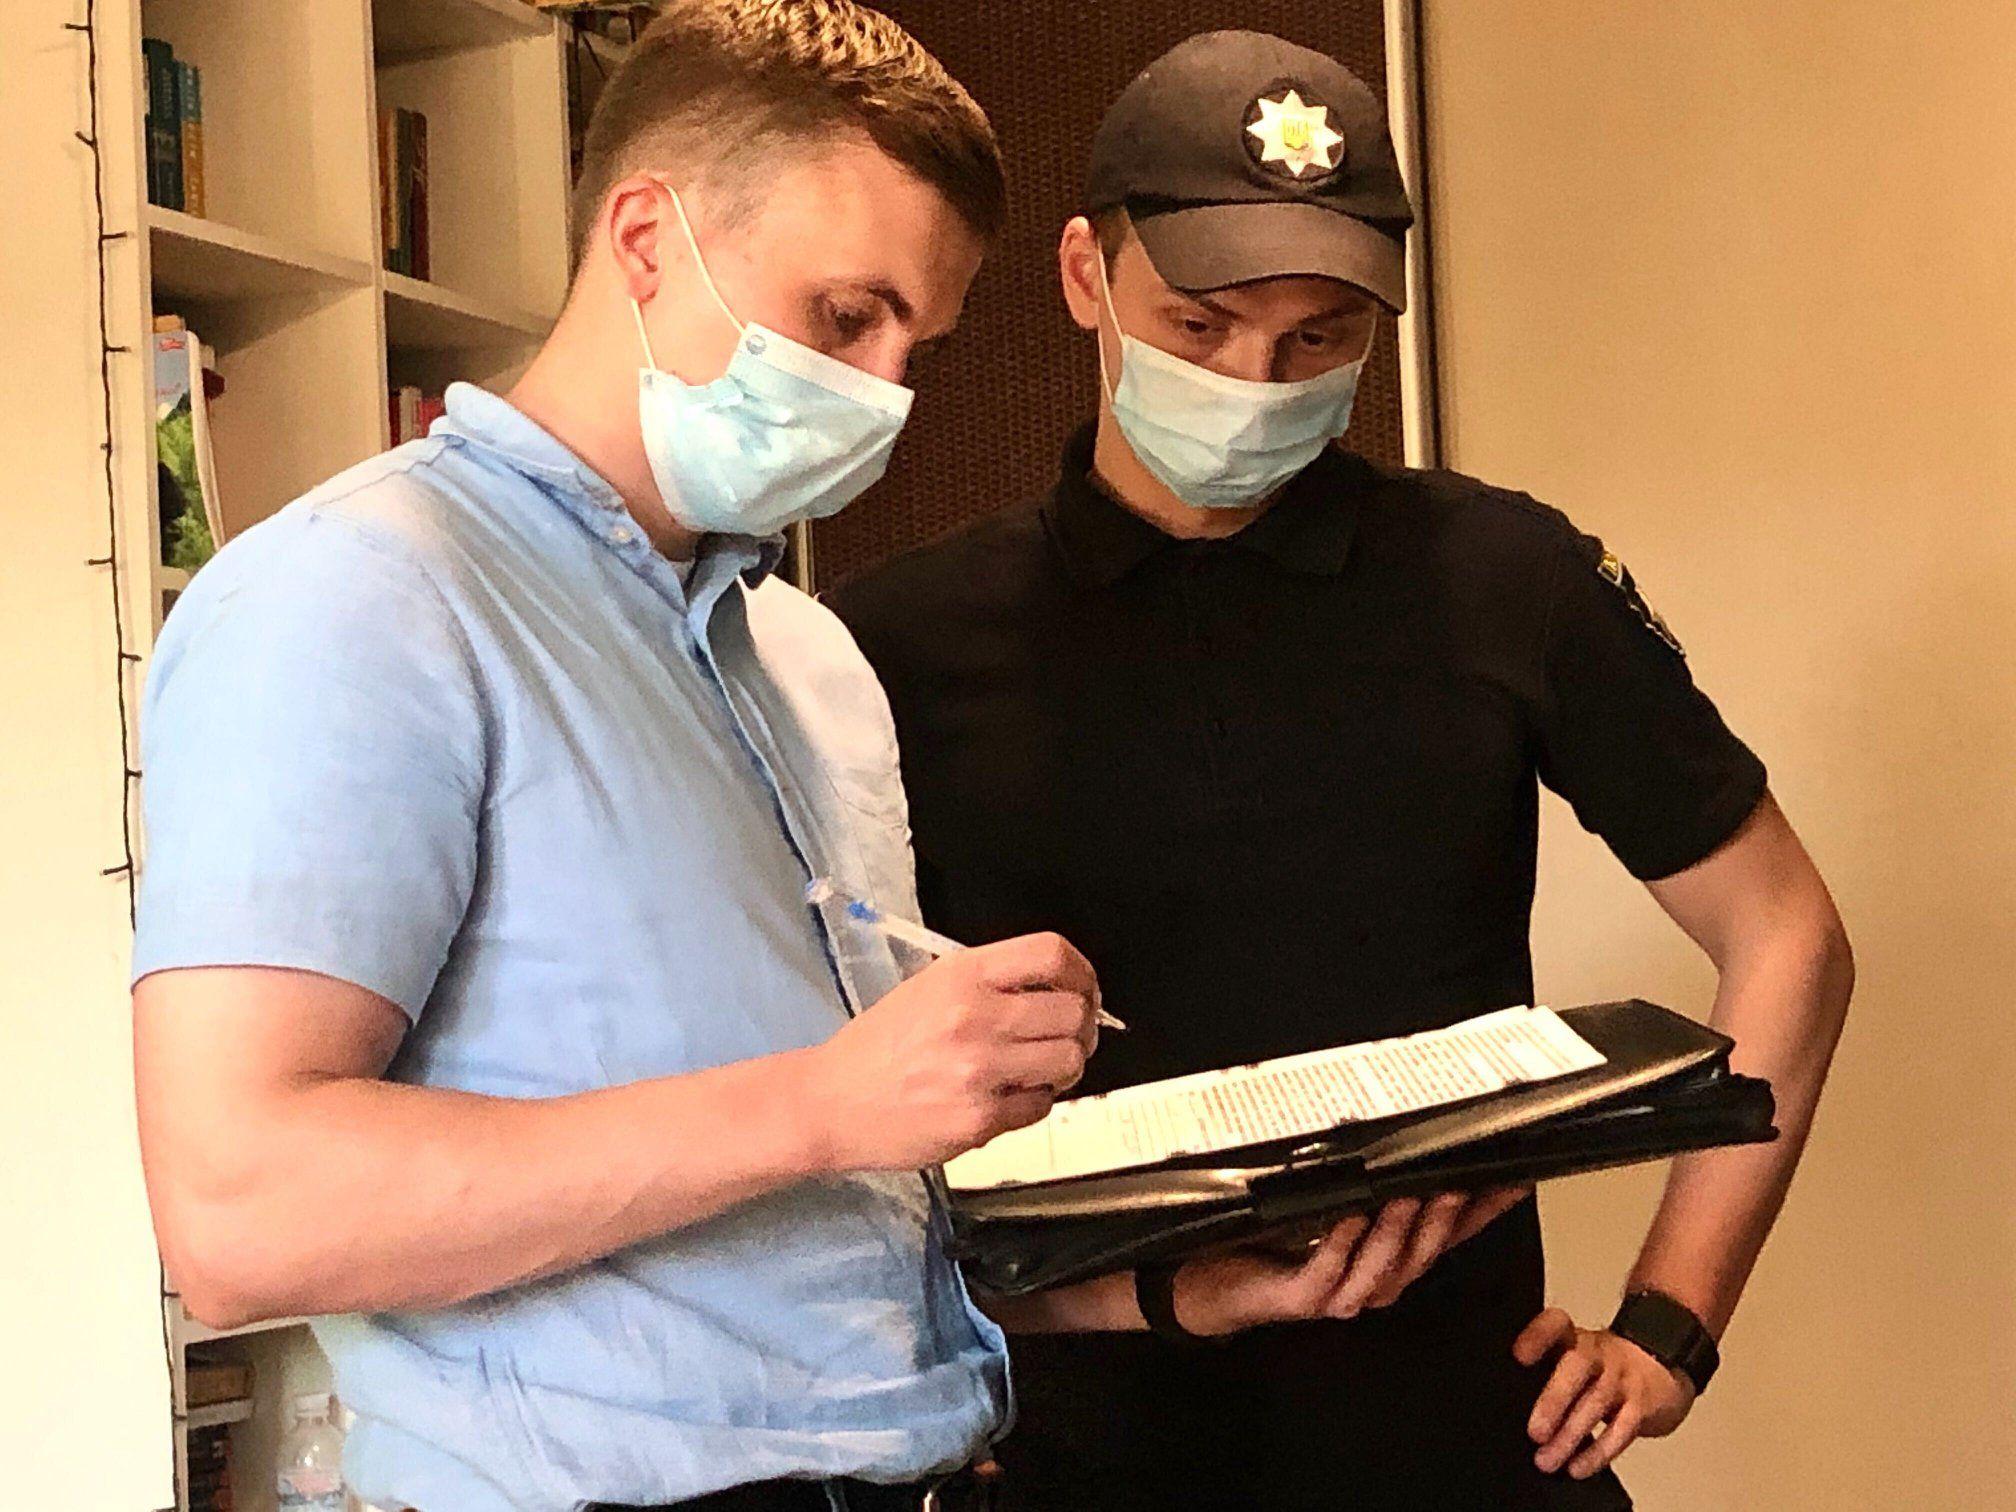 Журналісти та Медіарух вимагають розслідувати справу про прослуховування квартири Михайла Ткача